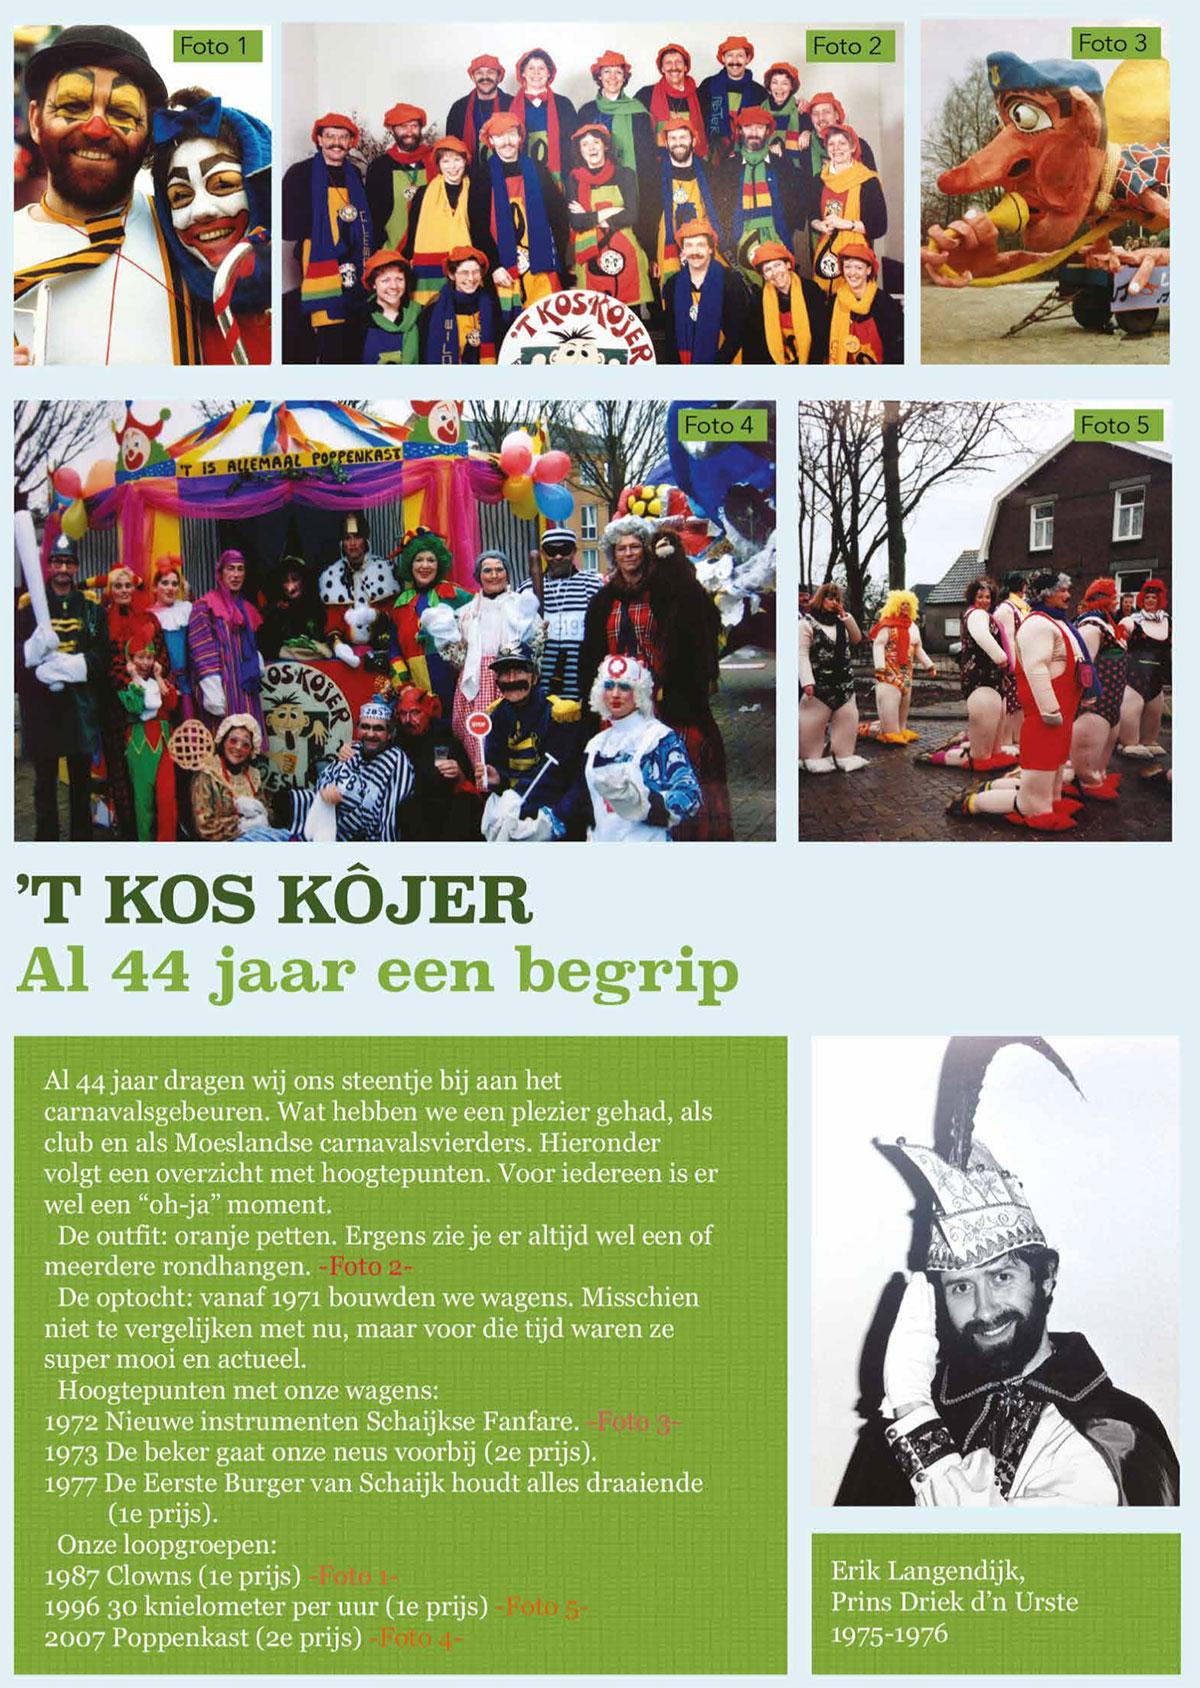 Stukje uit de carnavalskrant van 't Kos Kojer - 2014